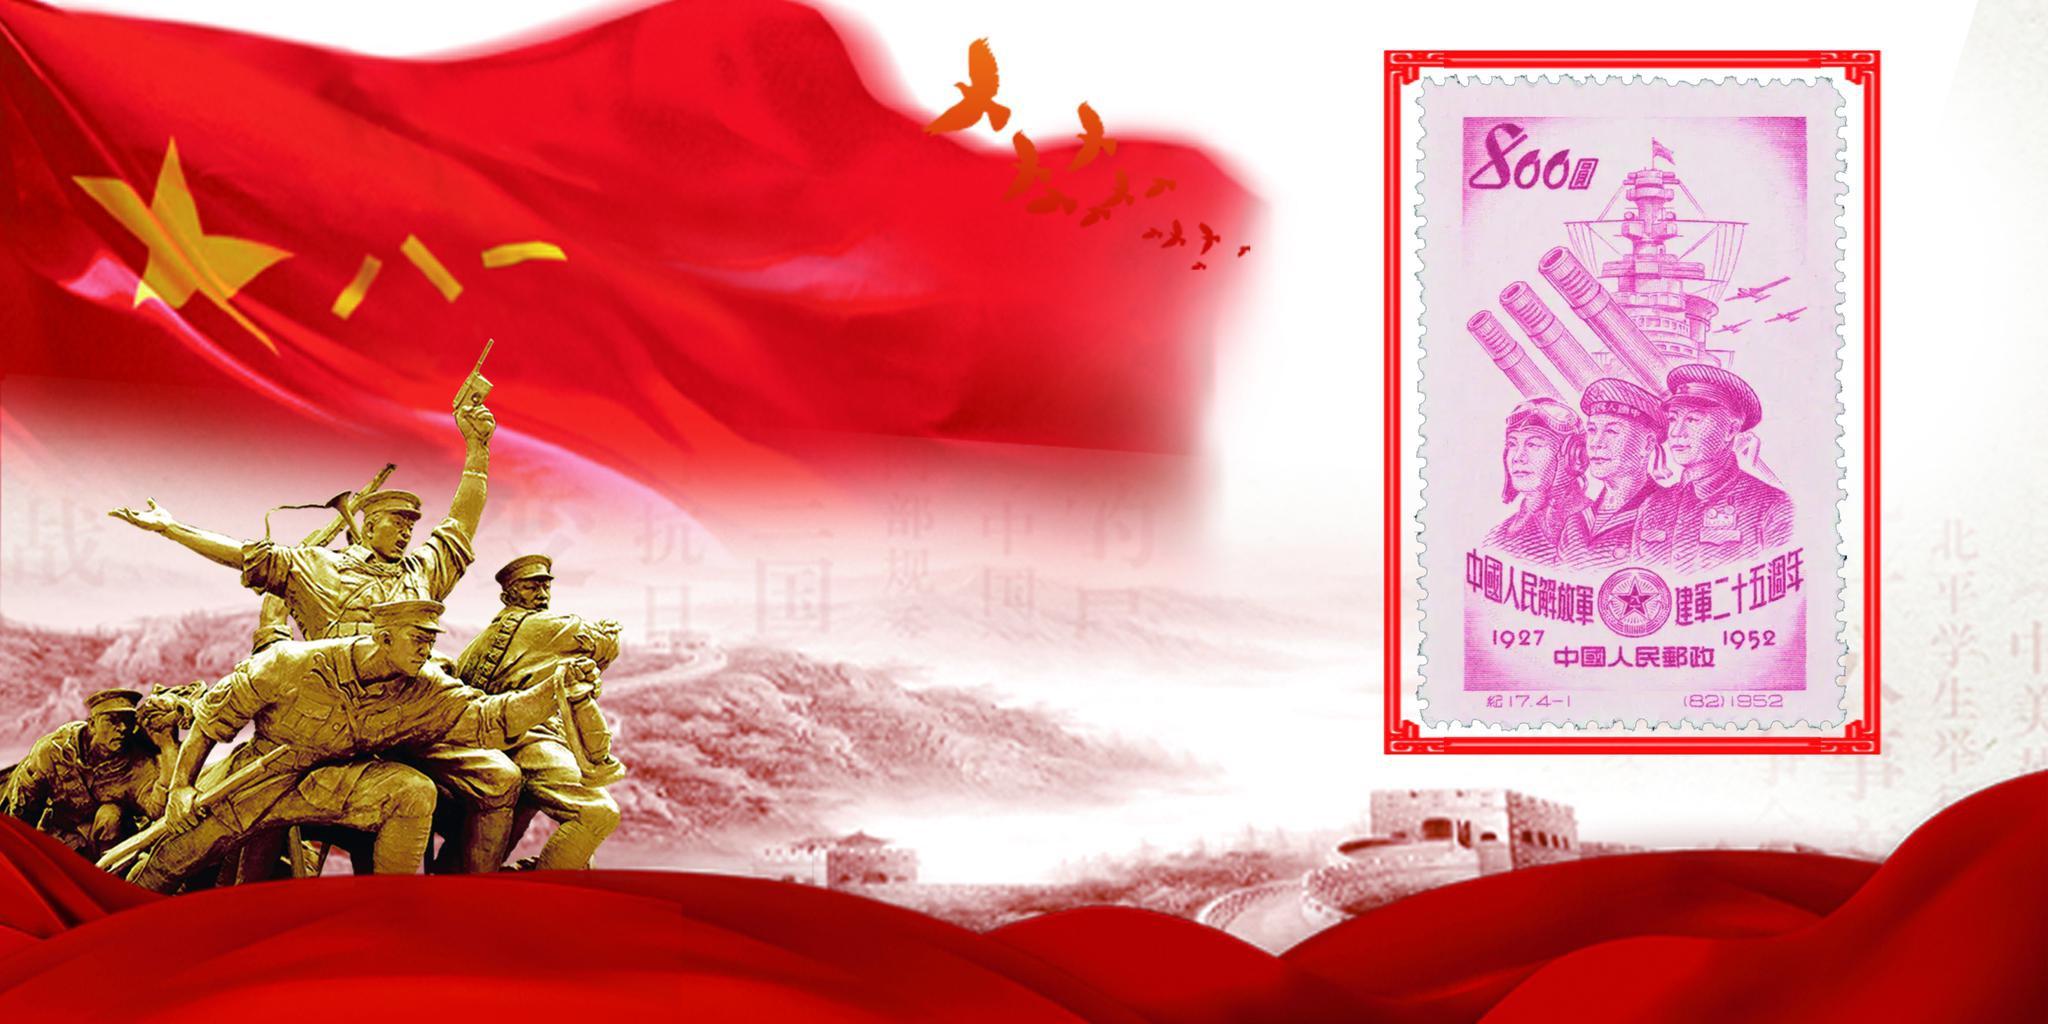 纪17《庆祝中国人民解放军建军二十五周年》纪念邮票赏析